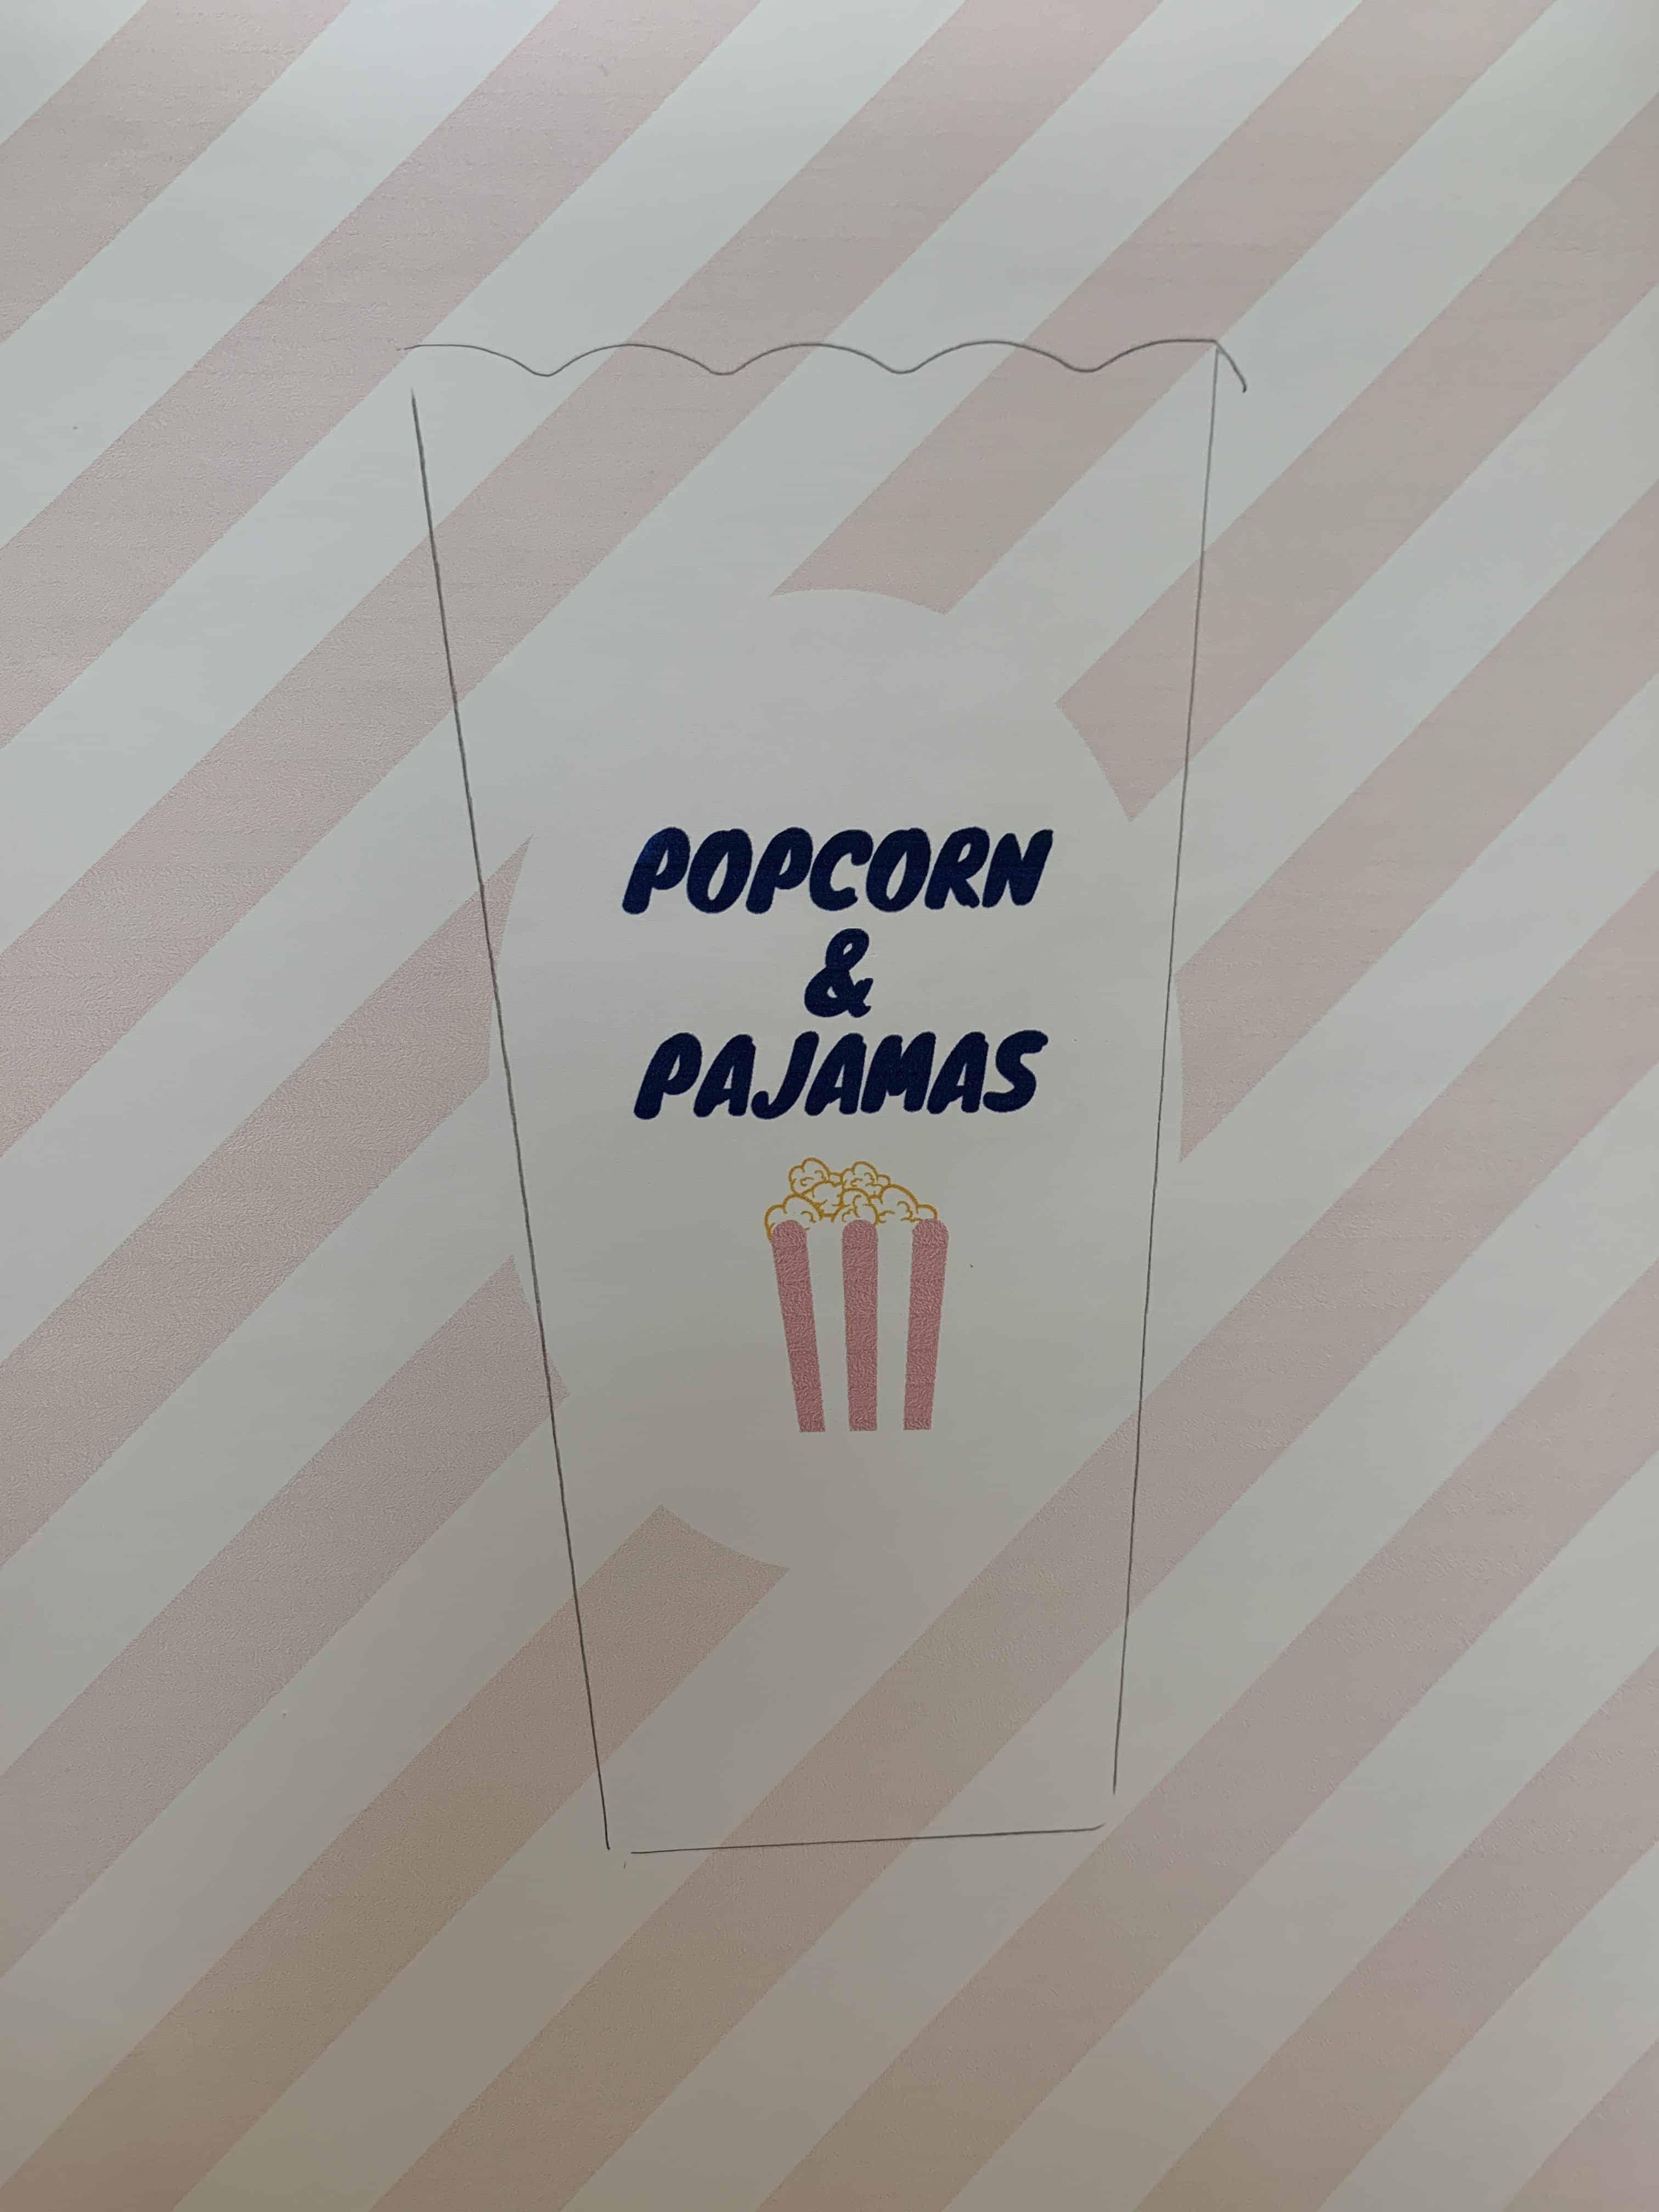 popcorn and pajamas